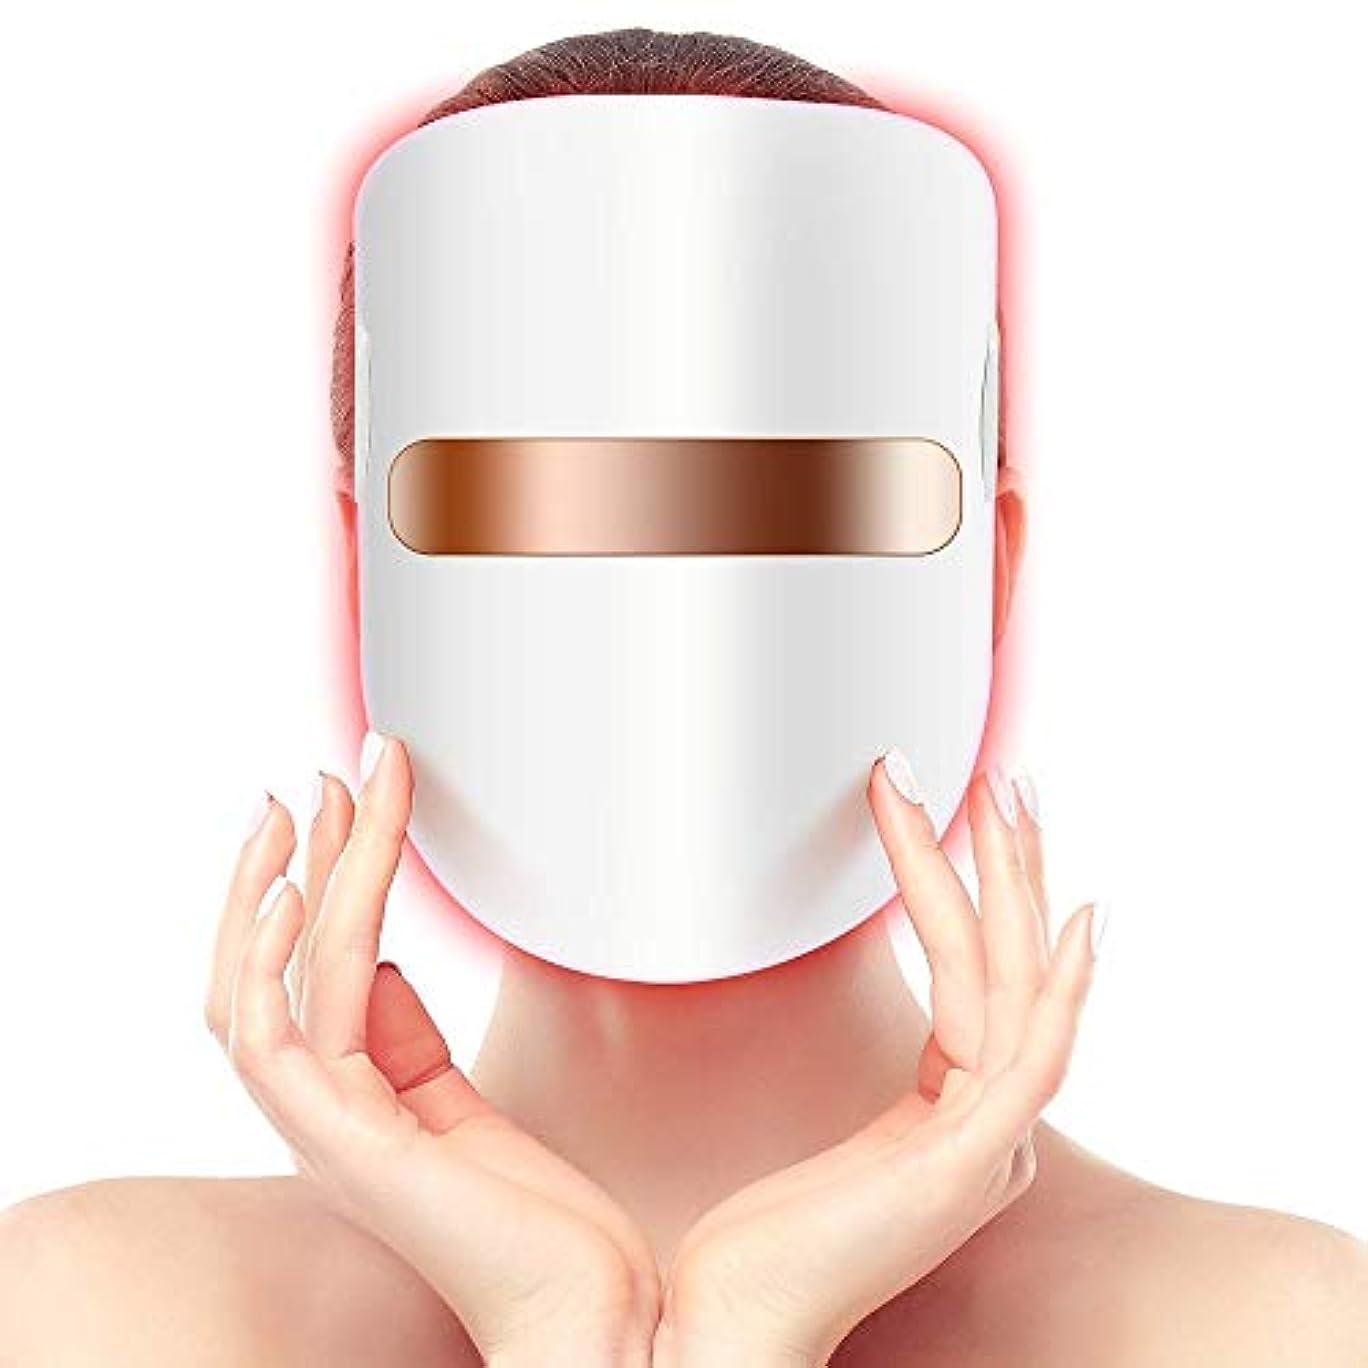 ユーザー荒野コモランマ光療法にきび治療ledマスク療法無制限セッションのためににきび肌治療アンチリンクルホワイトニング肌の若返り楽器